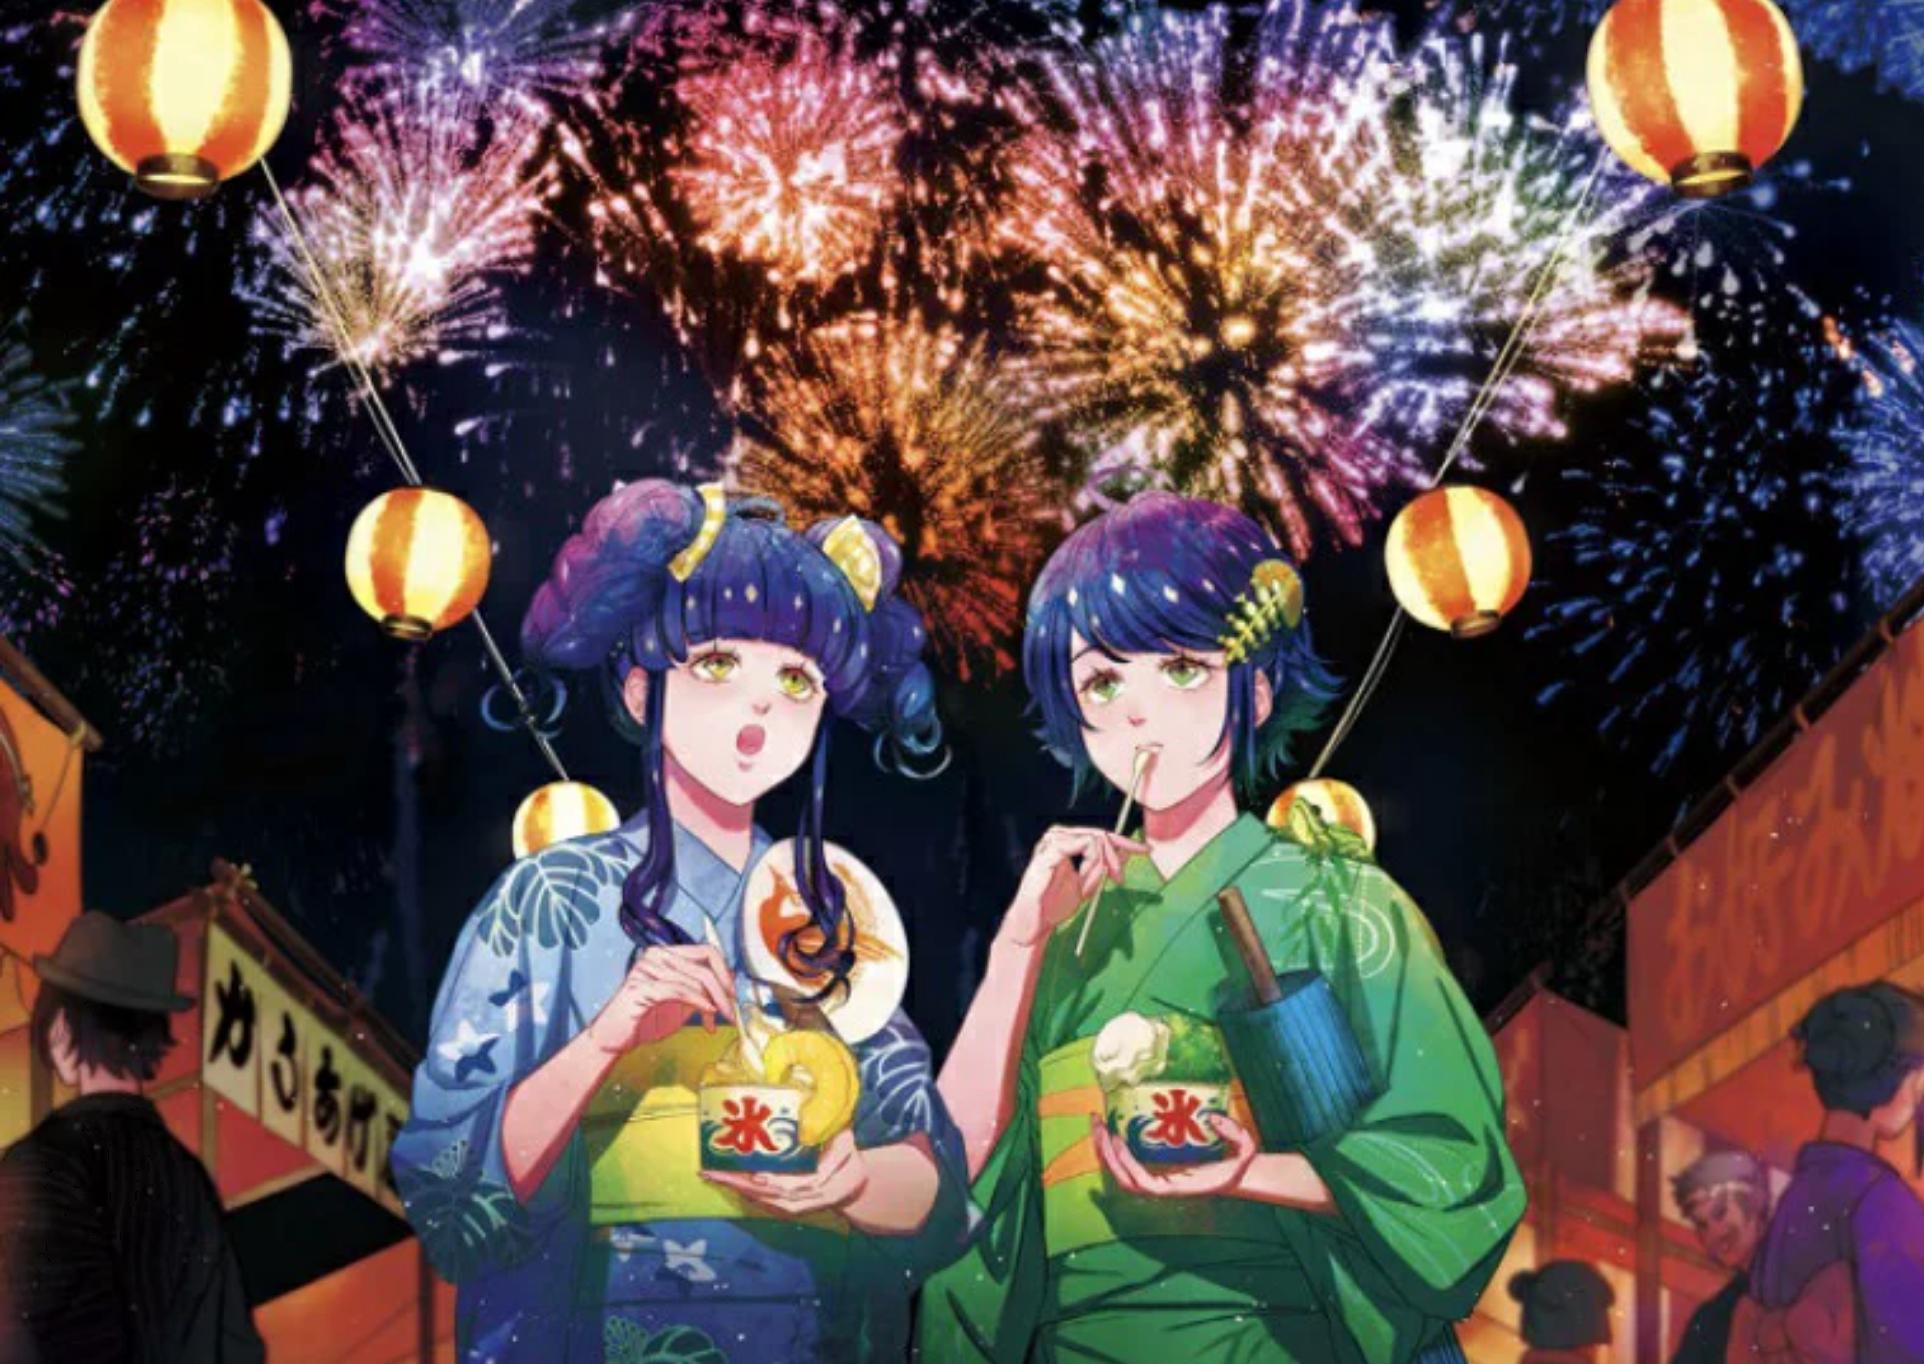 霧流れ 2019(パインあいす)【KOIKOI(コイコイ)】